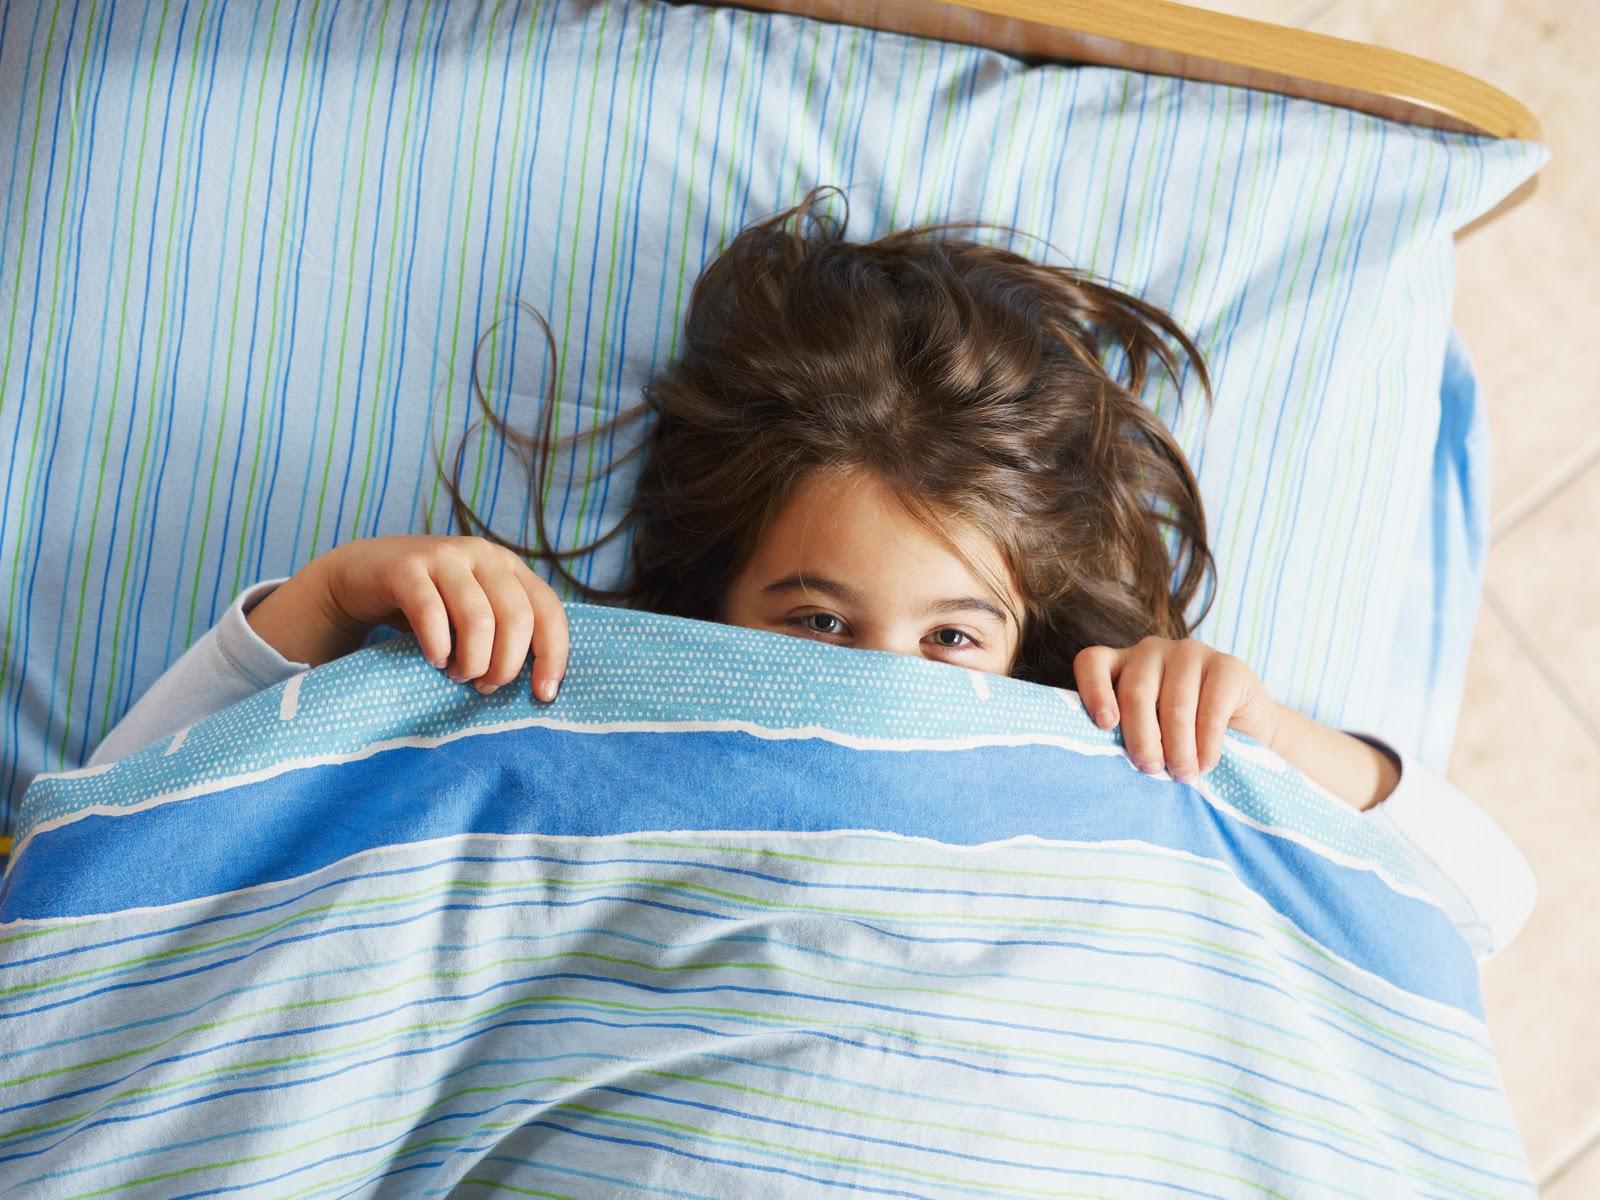 Стянул одеяло с сестры, Сводный брат забрался в постель к спящей сестре 6 фотография